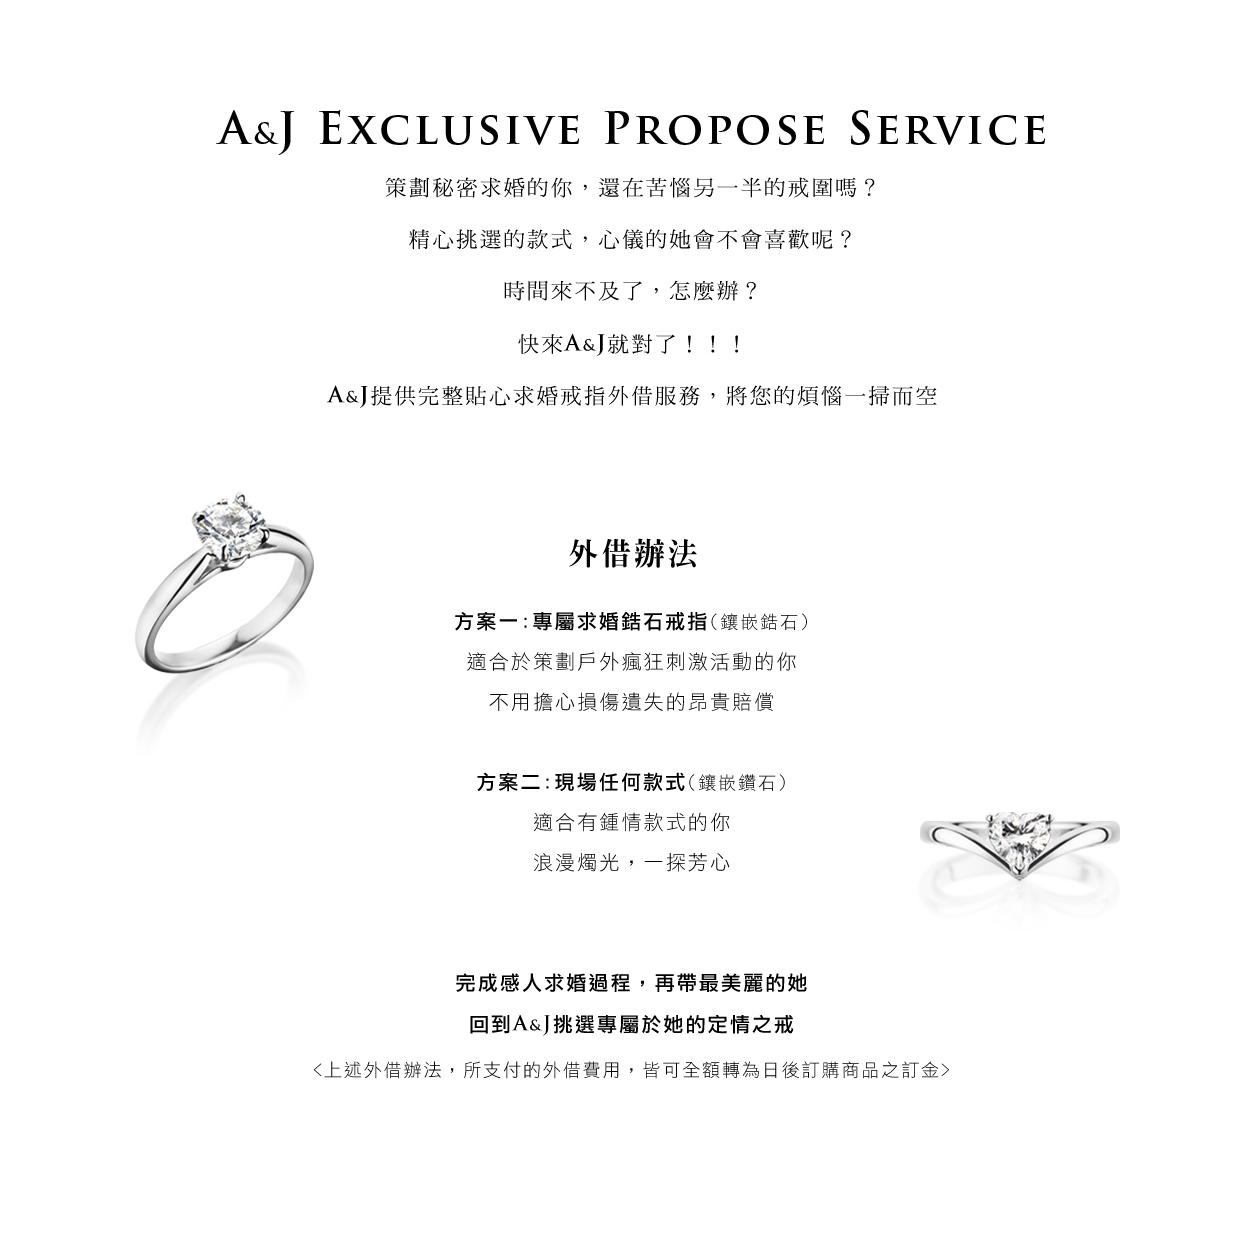 亞爵鑽石提供求婚鑽戒外借,策劃秘密求婚,外借專屬求婚鋯石戒指,外借現場款式鑲崁鑽石戒指,